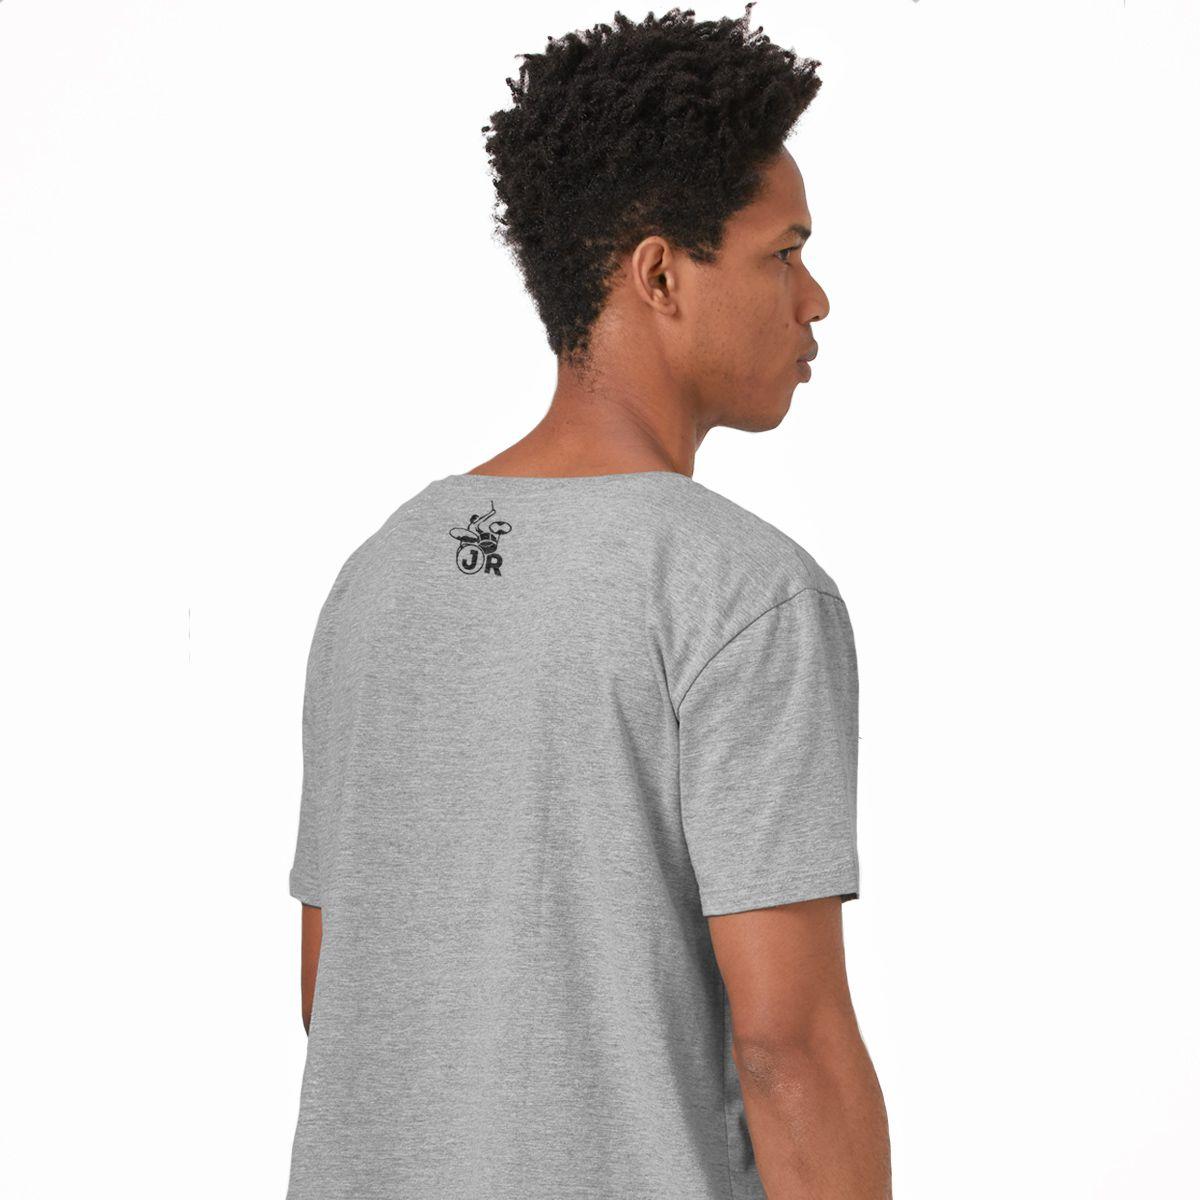 Camiseta Masculina João Rock Música, Paz e Diversão Mod2